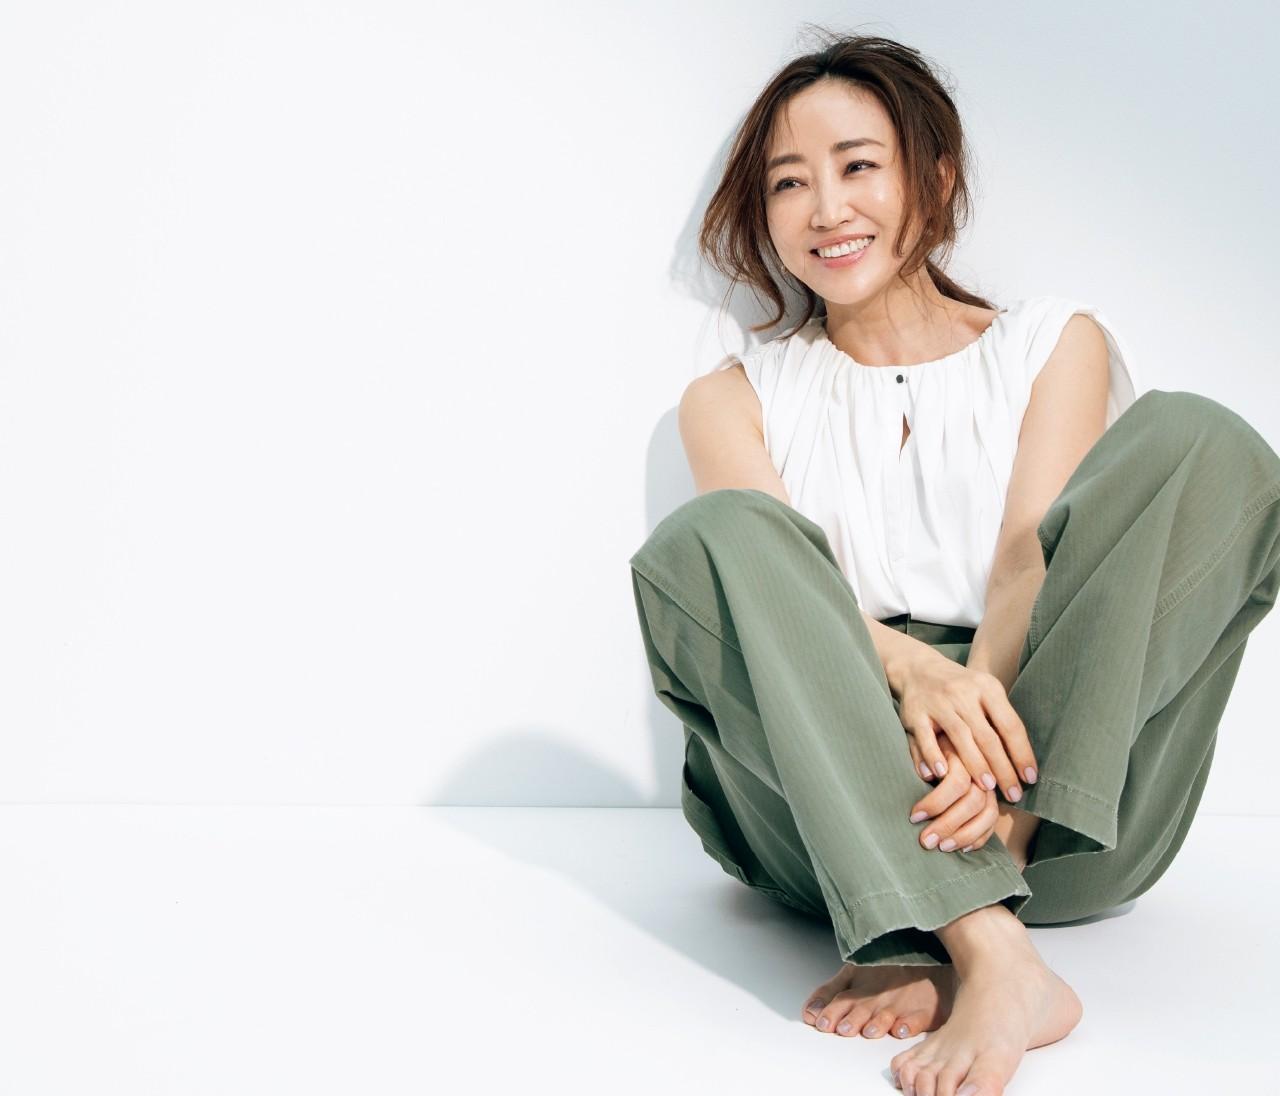 【神崎恵さんの夏の終わりコスメ】乾燥・糖化を救うクリーム&美容液6品